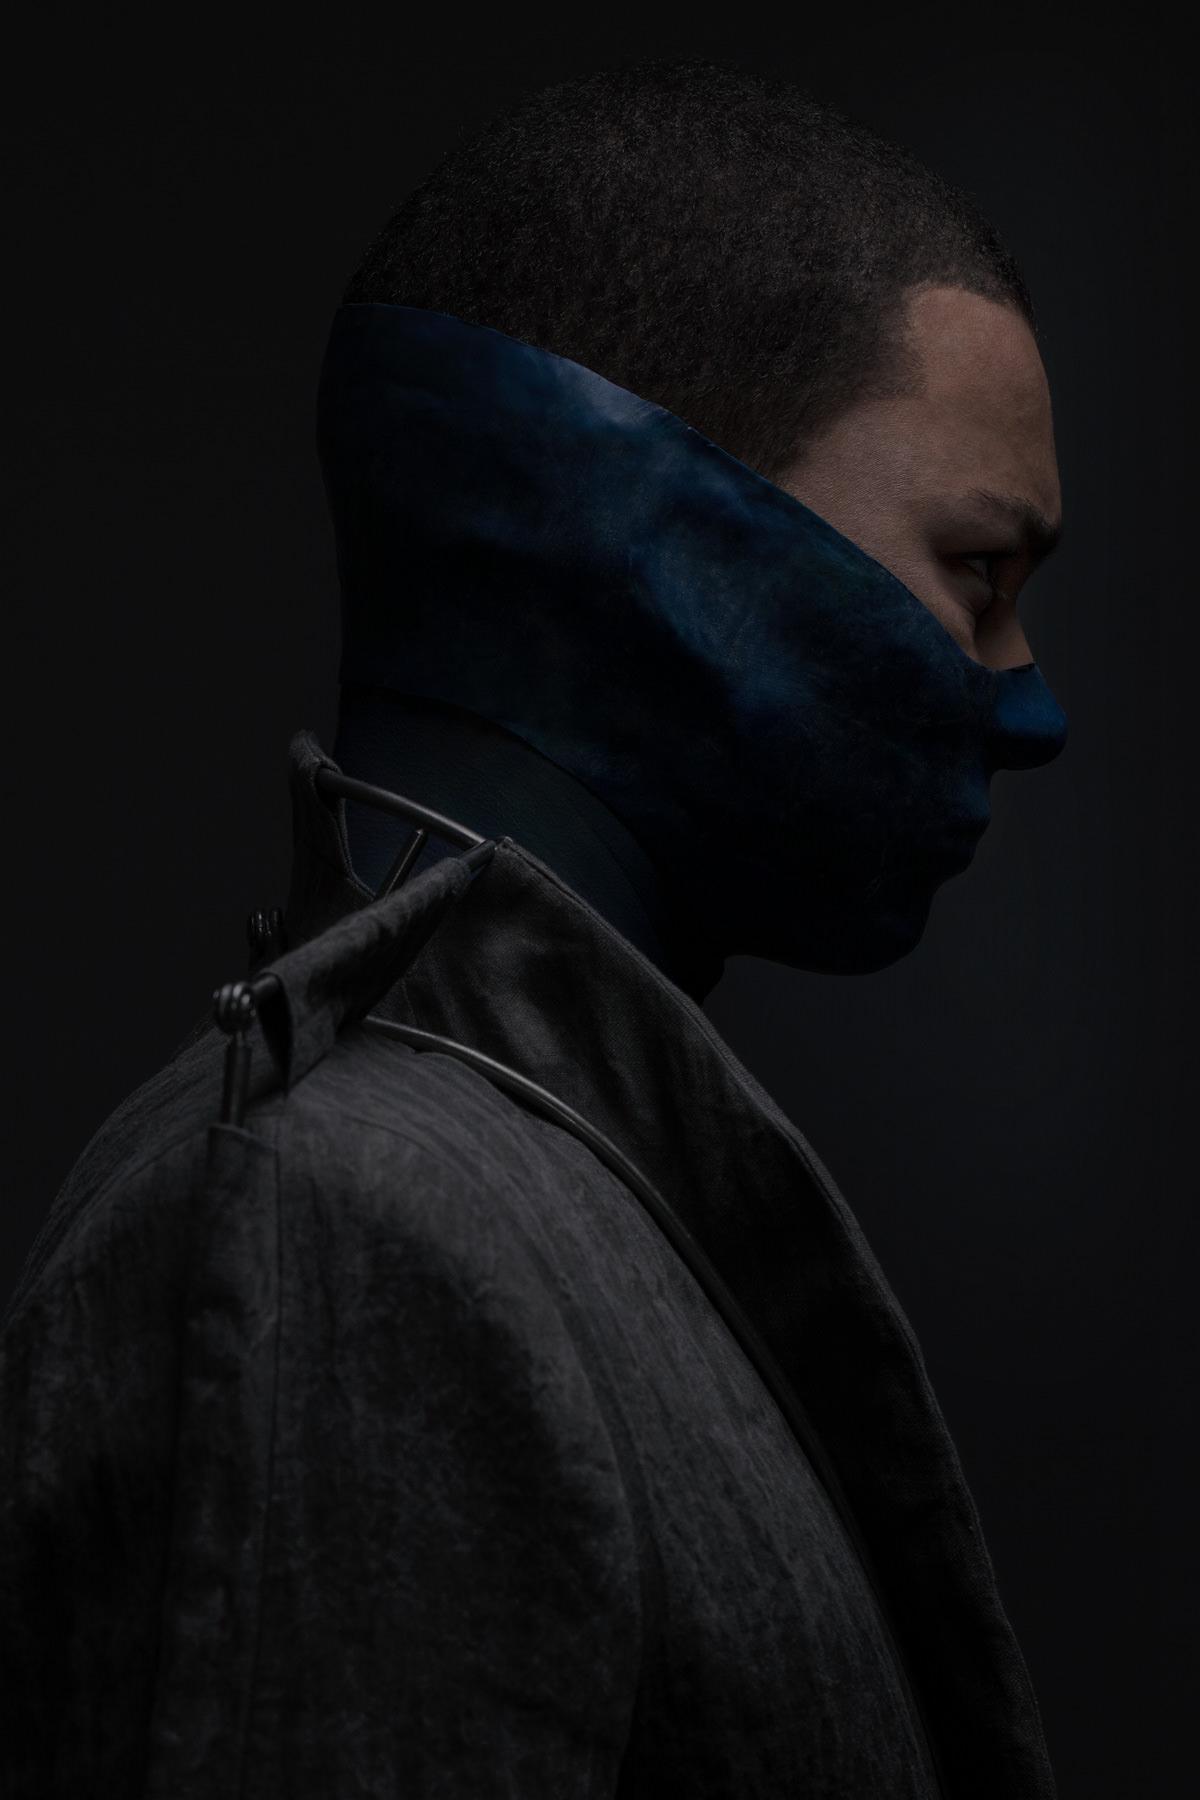 mode lukas fischer maske detail blau grau profil sakko superior superhelden maske studio dunkel duster exoskelett jörn strojny